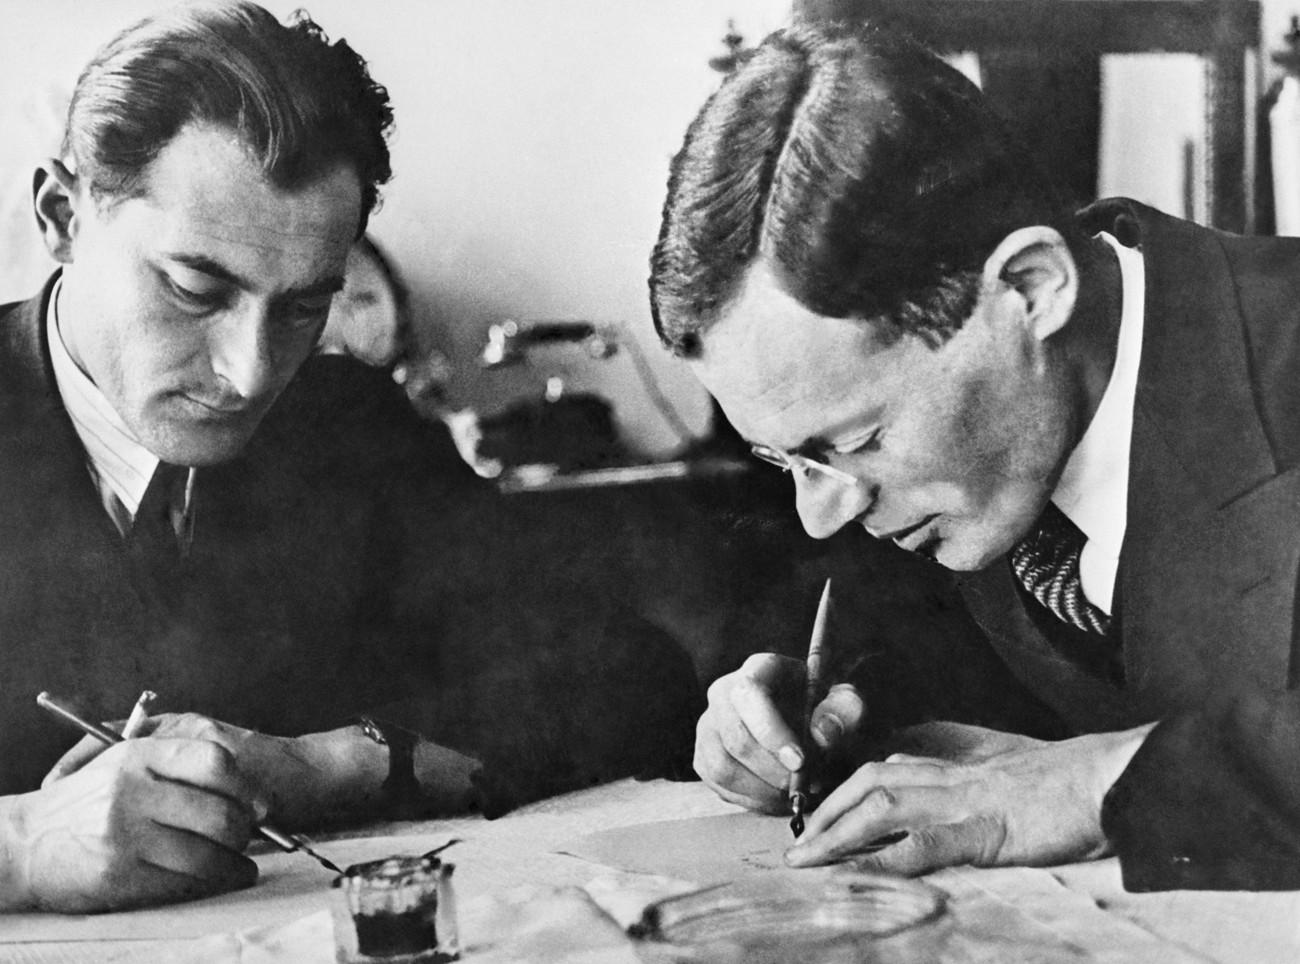 Ilf (esq.) e Petrov (dir.) são marca registrada do humor soviético e sua obra remete o leitor russo-soviético diretamente ao Brasil sonhado pela personagem Ostap Bender.